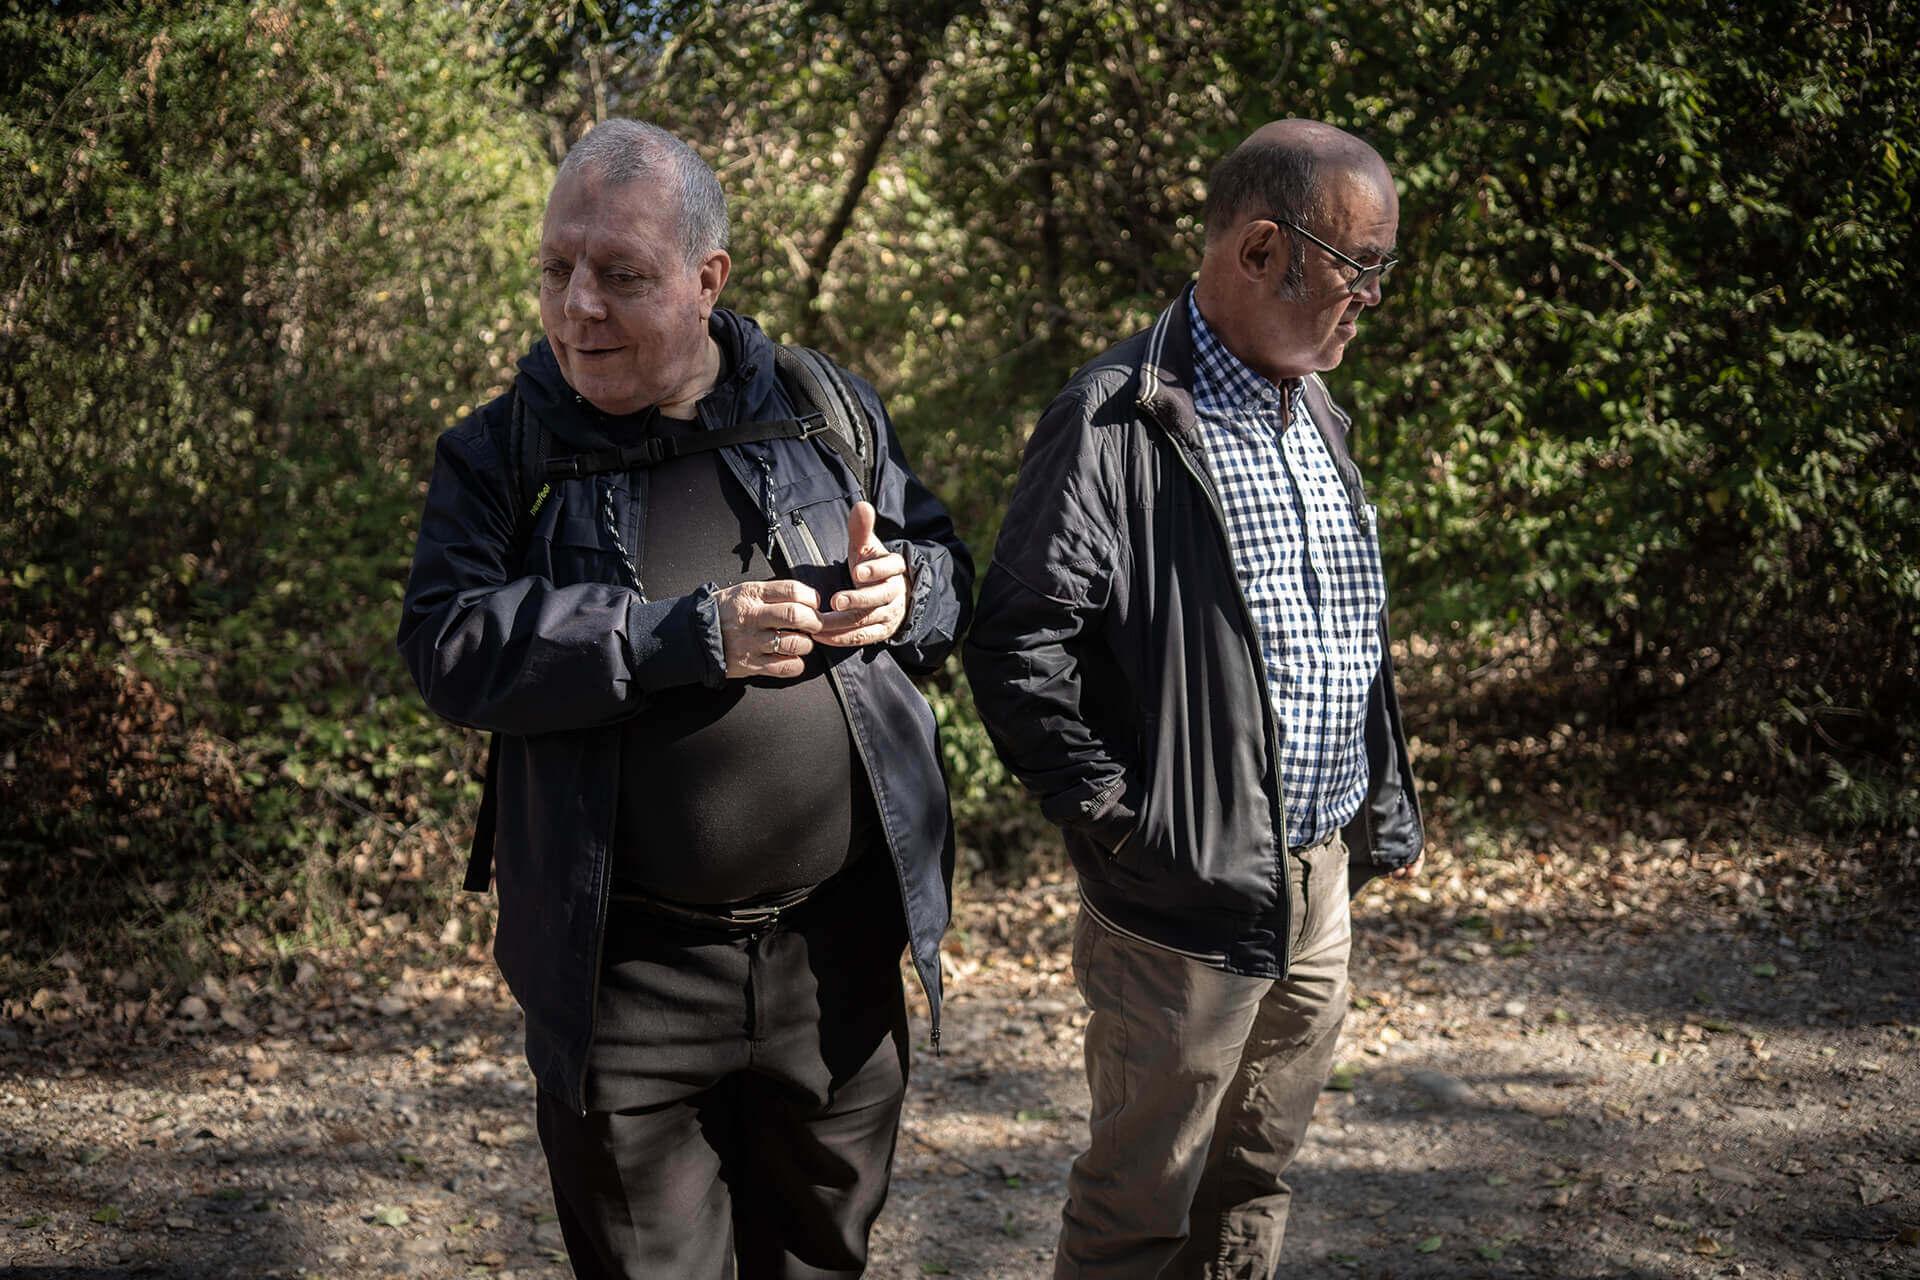 Alain et Pascal sont devant un bosquet. Chacun regarde dans une direction opposée.